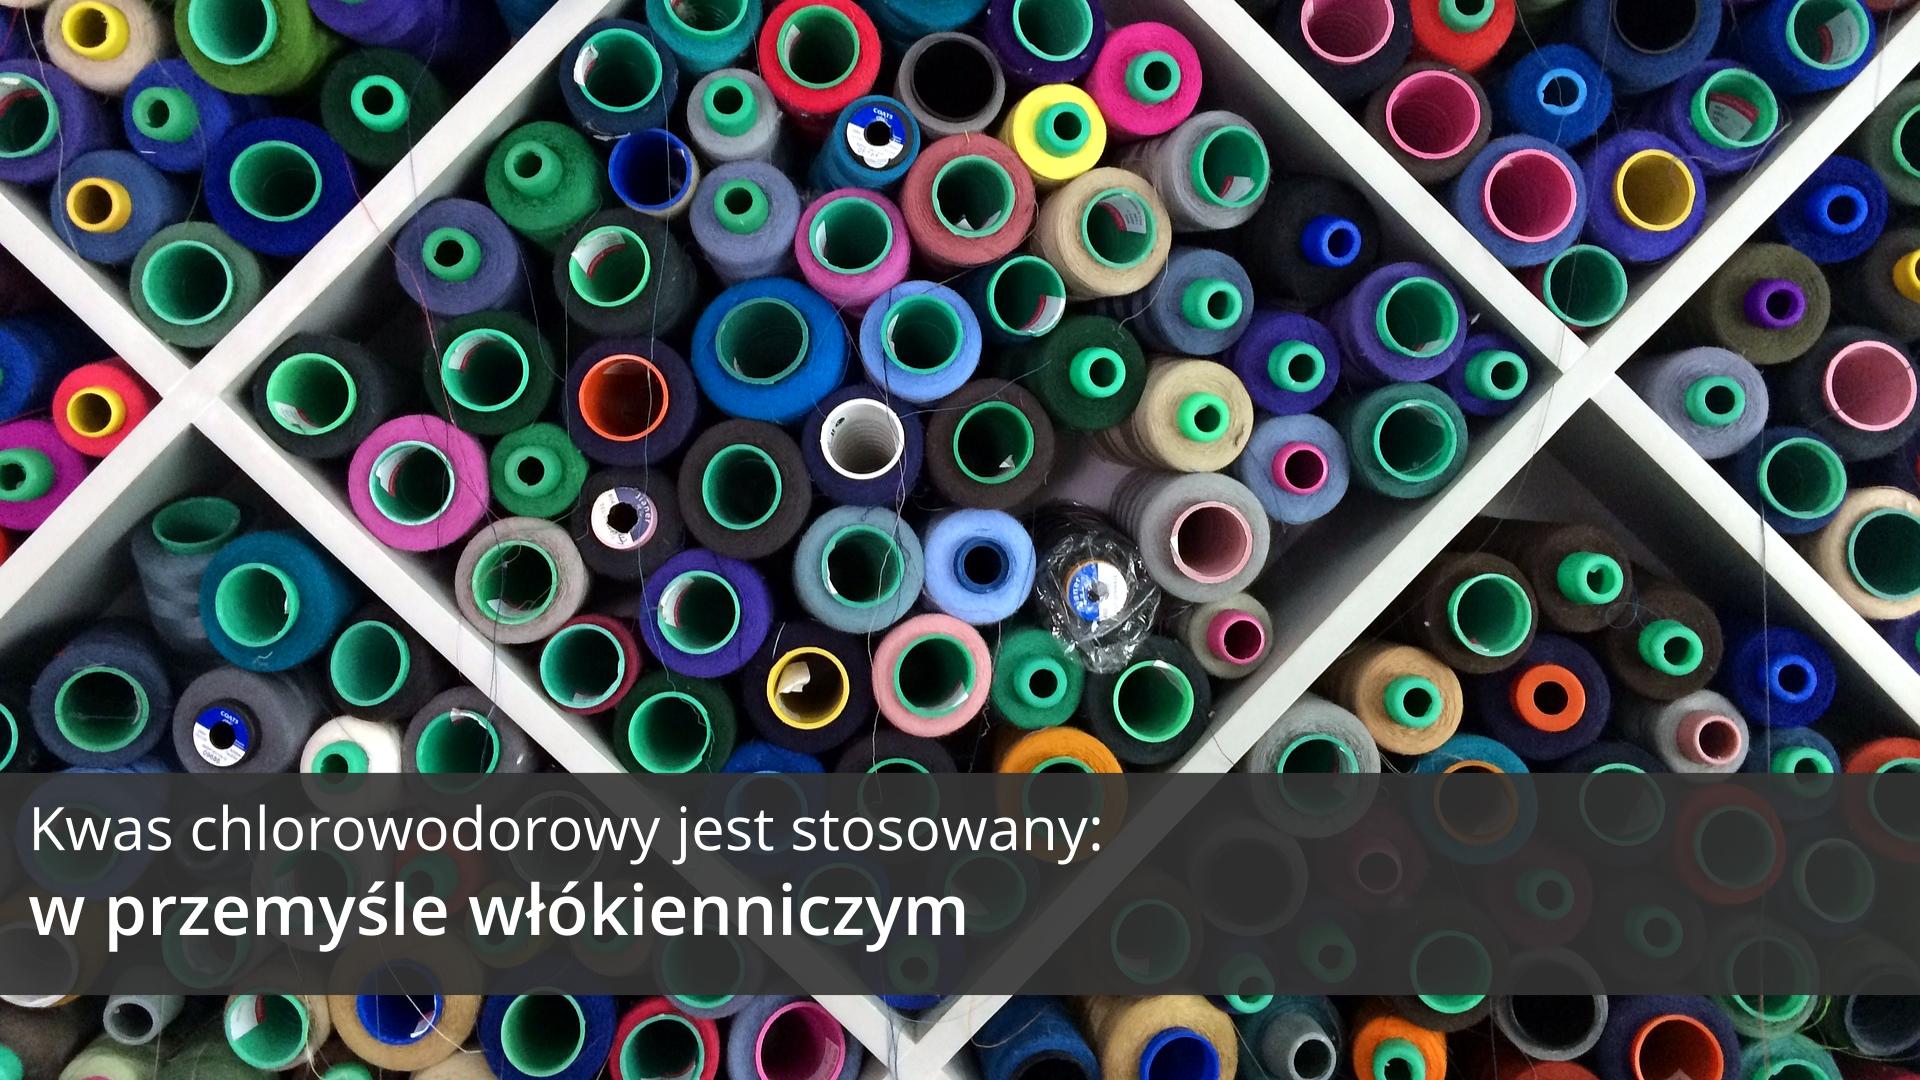 Trzecia ilustracja galerii przedstawia fragment otwartego pojemnika zdużymi przegródkami okształtach rombów wypełnionymi dużą liczbą różnokolorowych zwitków nici oglądanych zgóry. Na tle obrazka wdolnej części ilustracji znajduje się ciemnoszary pasek, na którym umieszczono jasny napis: Kwas chlorowodorowy jest stosowany wprzemyśle włókienniczym.